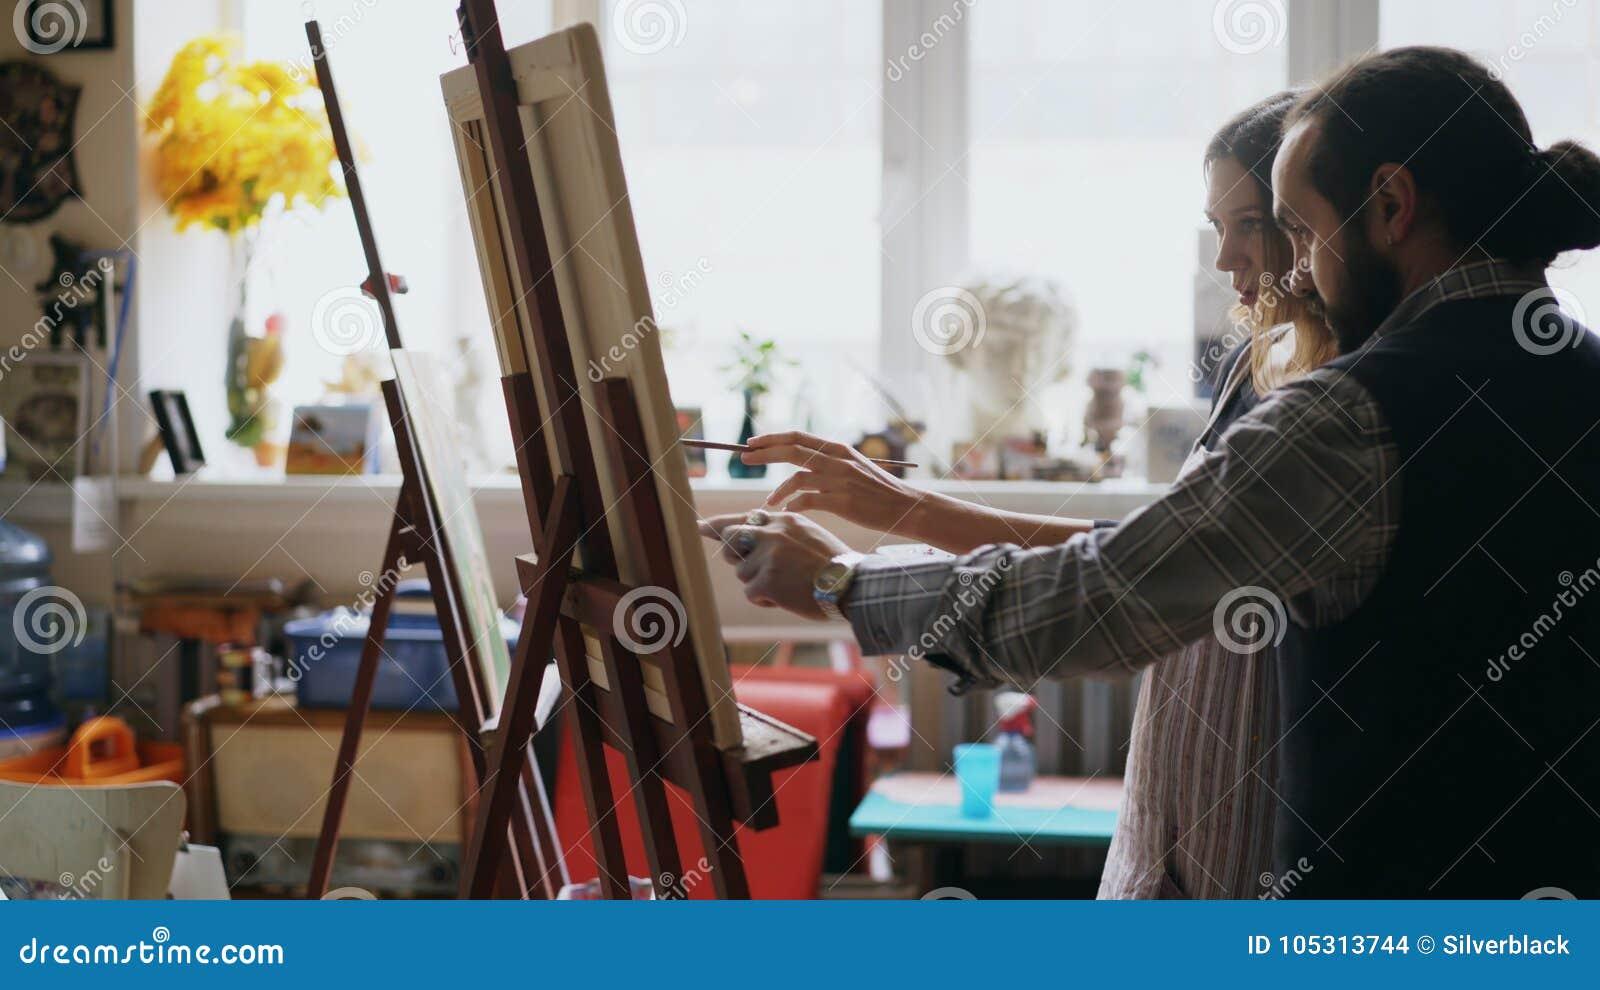 Chica joven de enseñanza del hombre experto del artista a las pinturas de dibujo y a explicar los fundamentos en estudio del arte